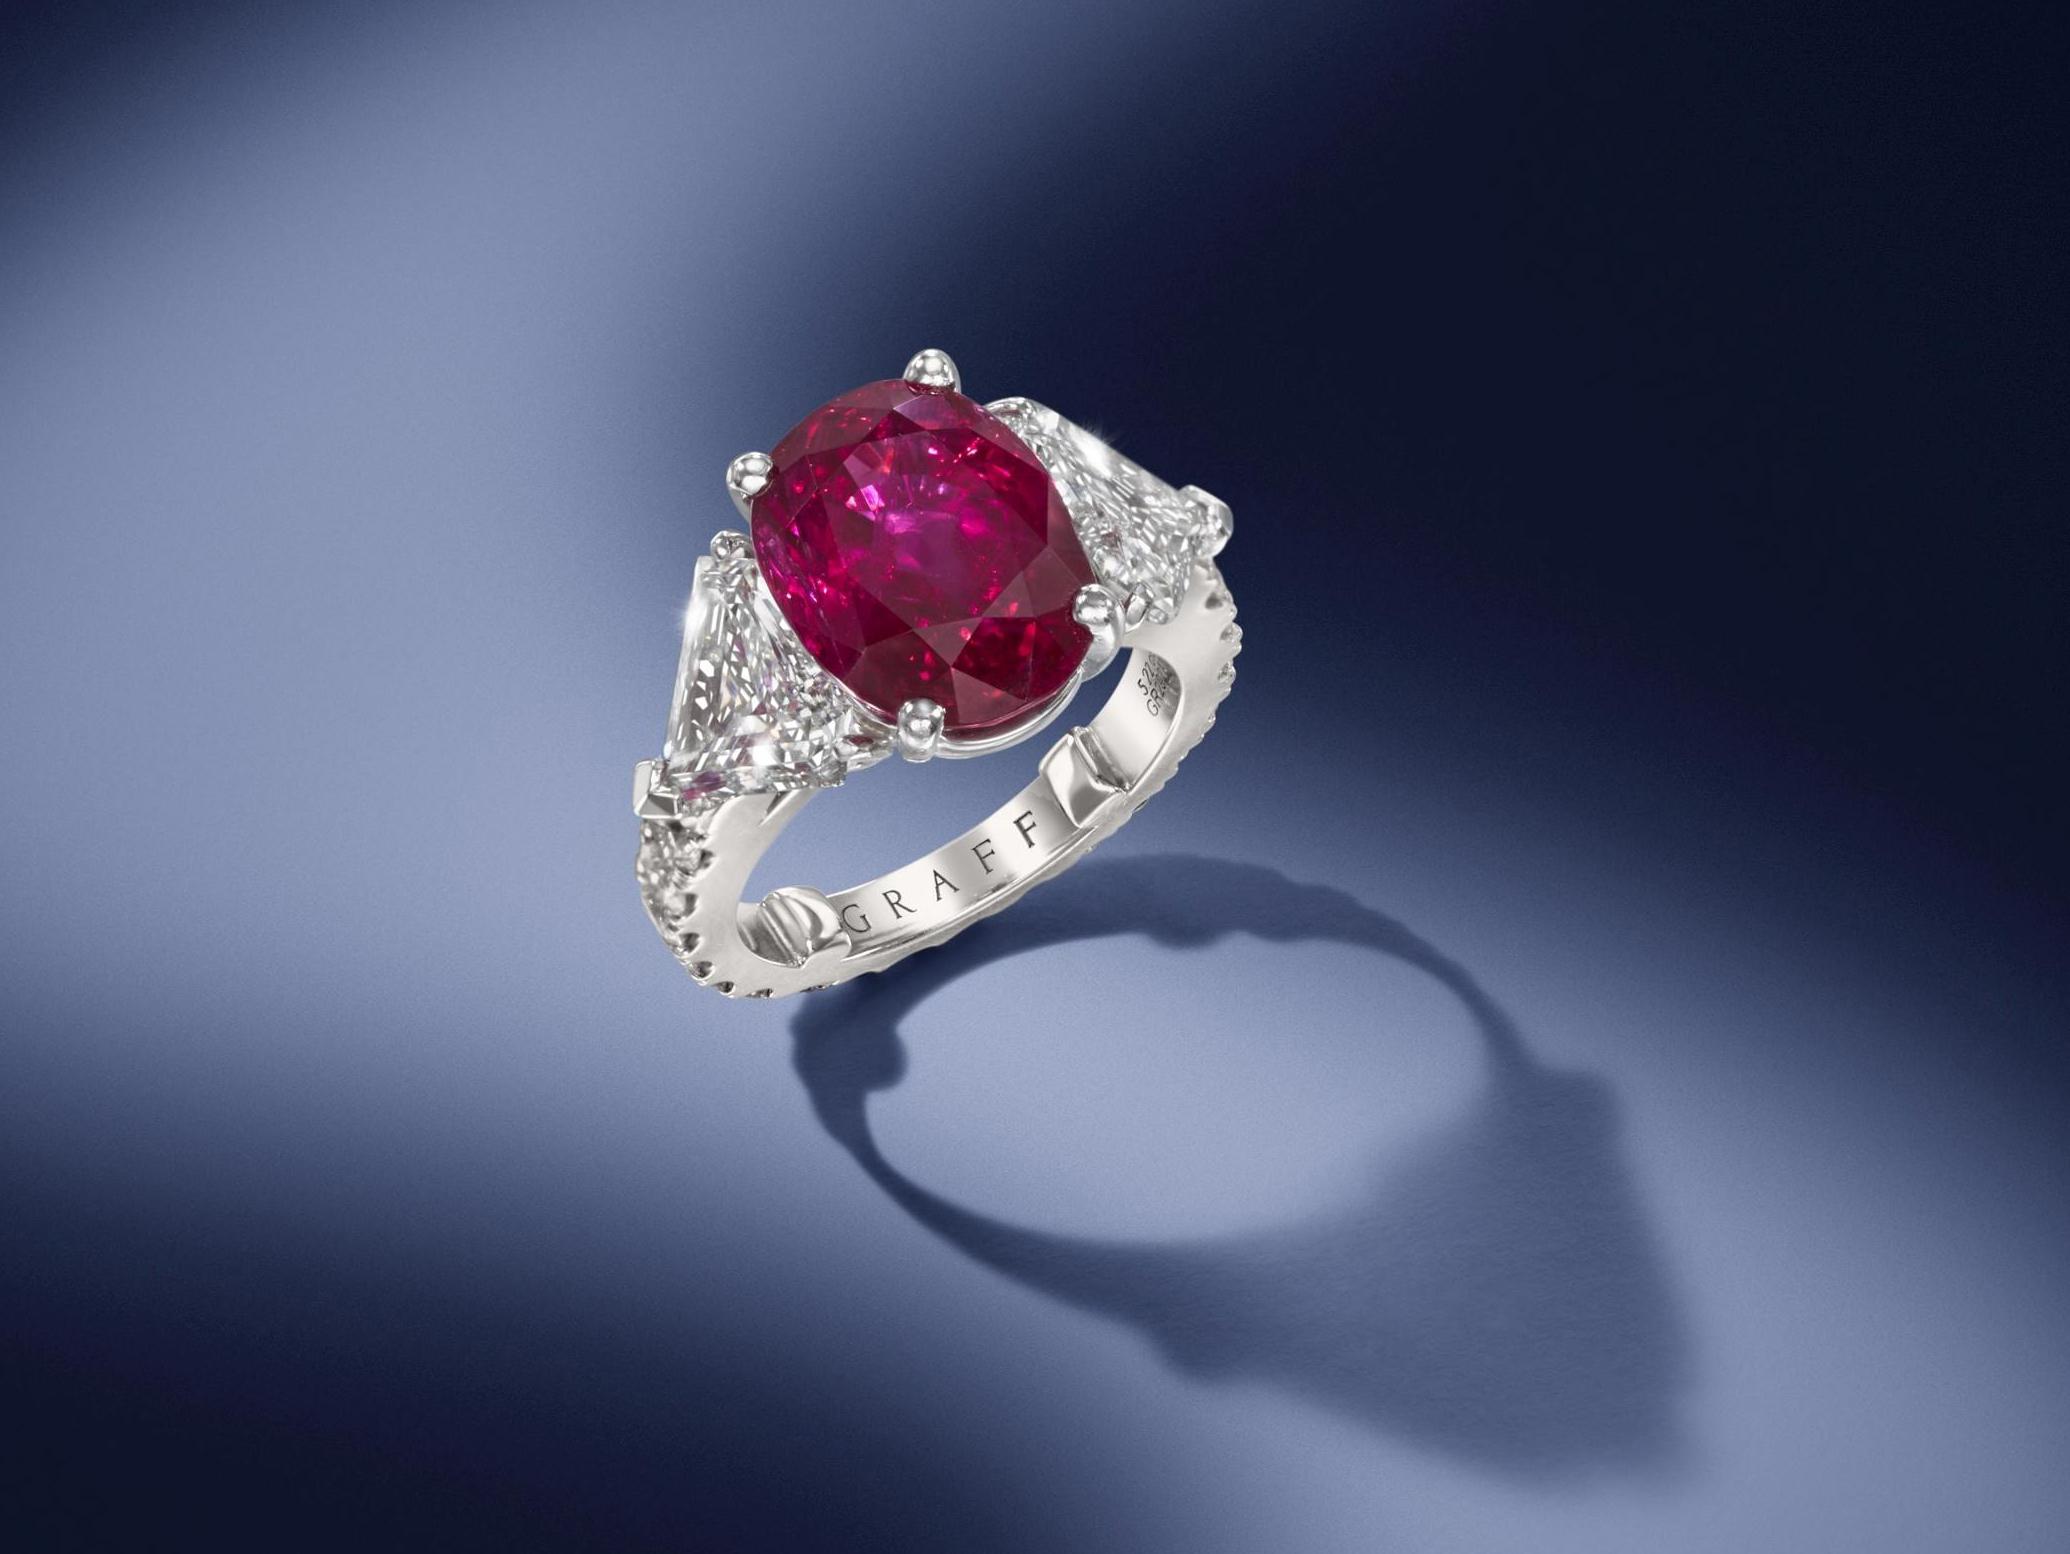 Ruby ring by Graff